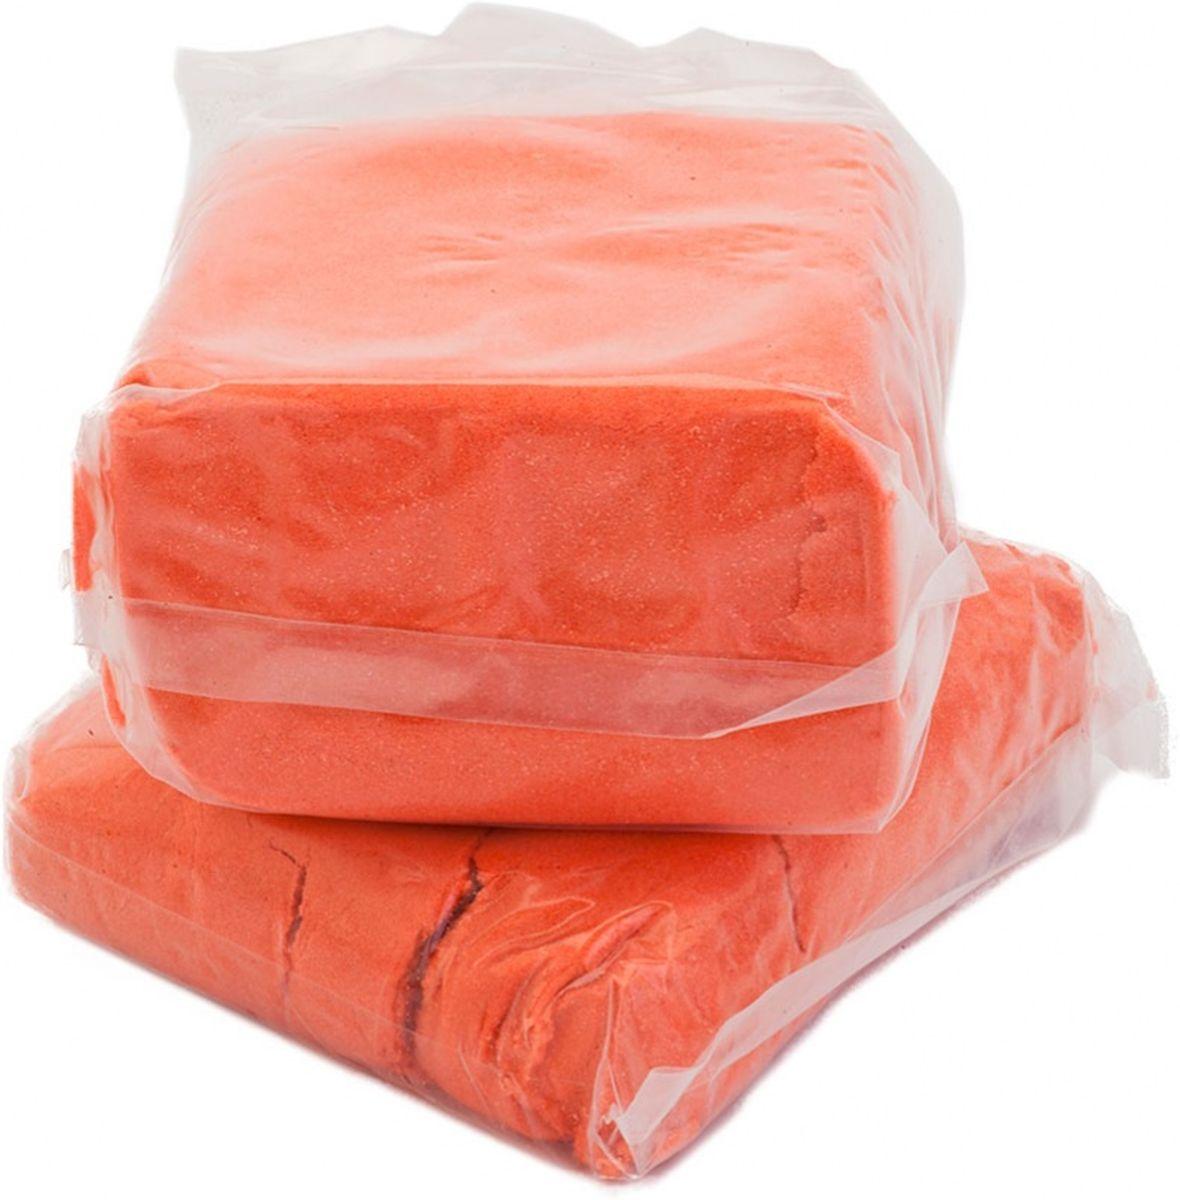 Bradex Песок для игры Чудо-песок цвет оранжевый 1 кг жигао zhigao 10 цветный дрожащий песок мини загруженный детский цветной песок яйцо подарочная коробка творческие наждачные игрушки kk 2919